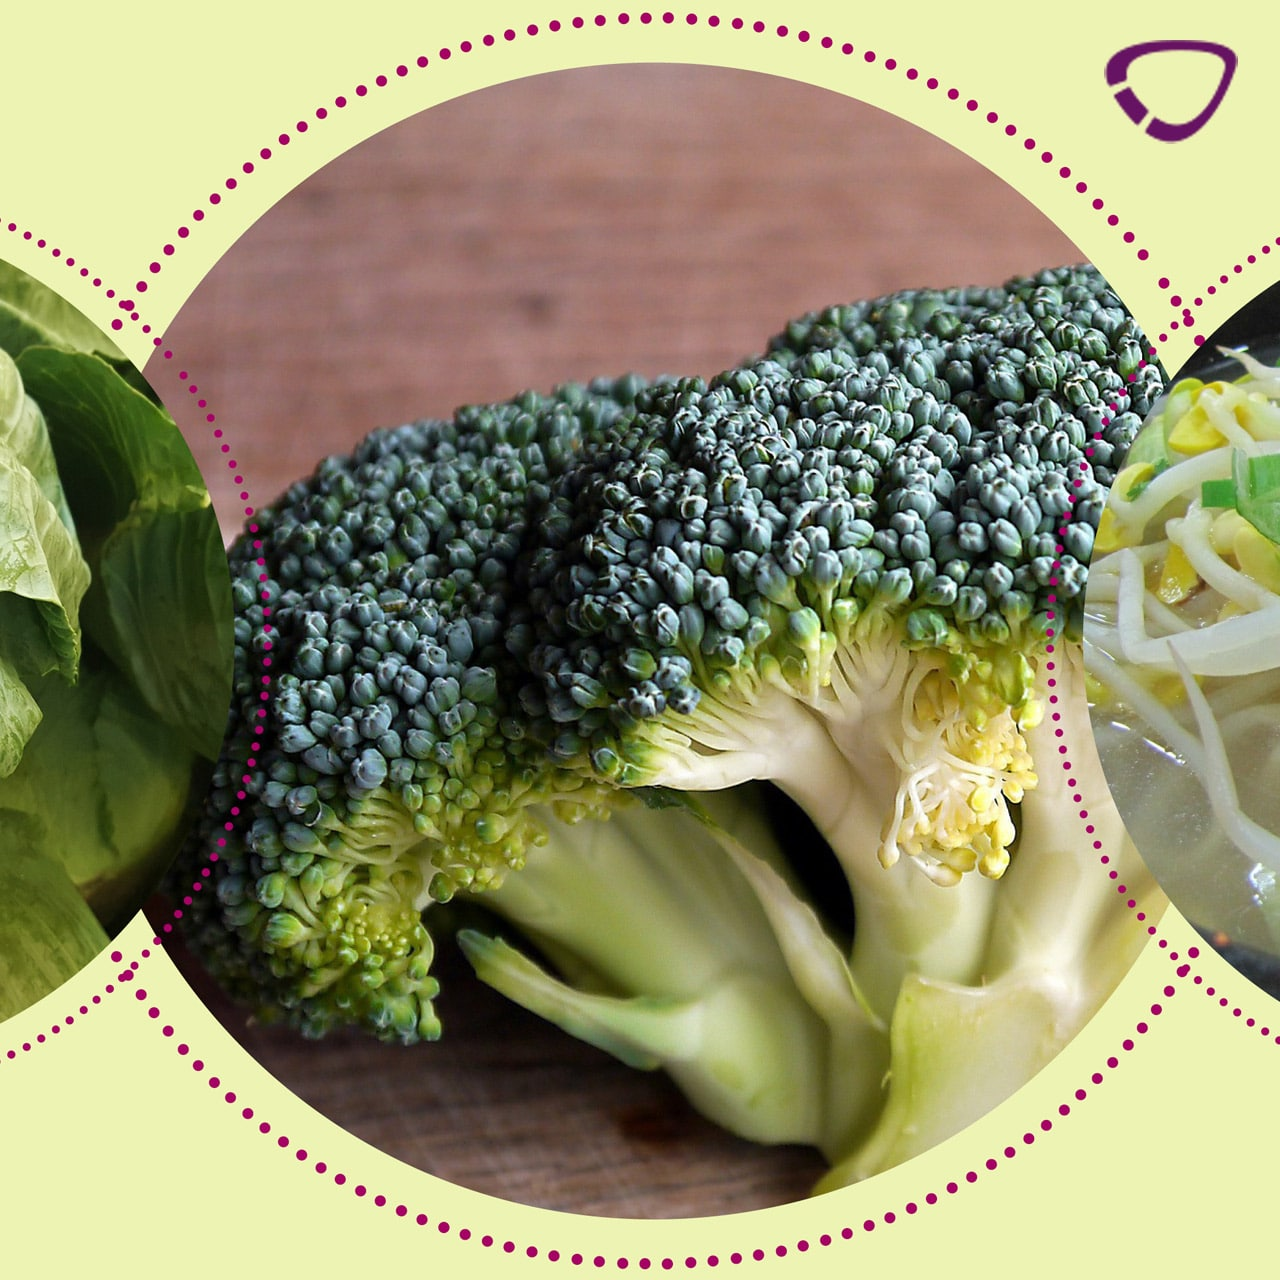 Folsäure ist in verschiedenen Arten von Gemüse enthalten.